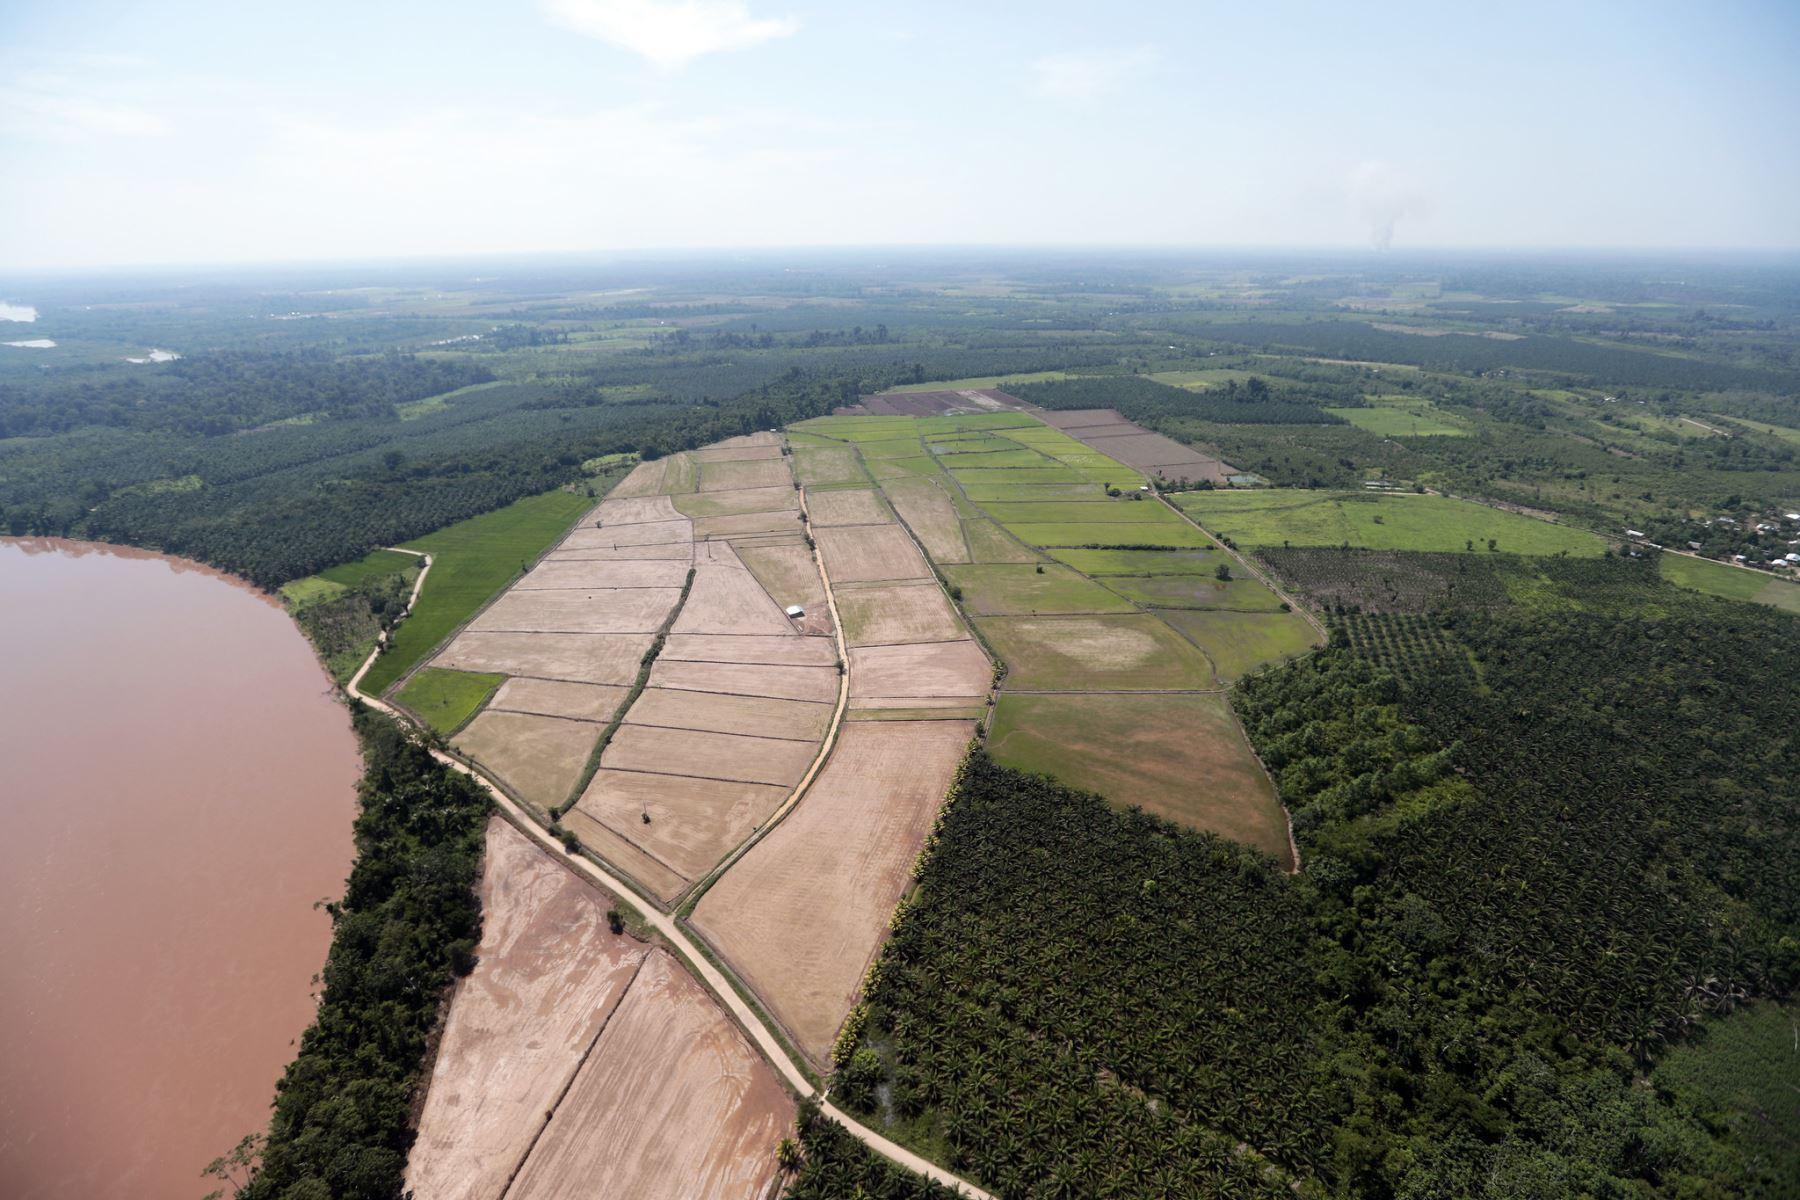 El presidente de la República, Pedro Castillo, inspeccionó el tramo de la carretera Curimaná - Neshuya así como campos de cultivos de la provincia Padre Abad, en su visita a la región Ucayali. Foto: ANDINAPrensa Presidencia